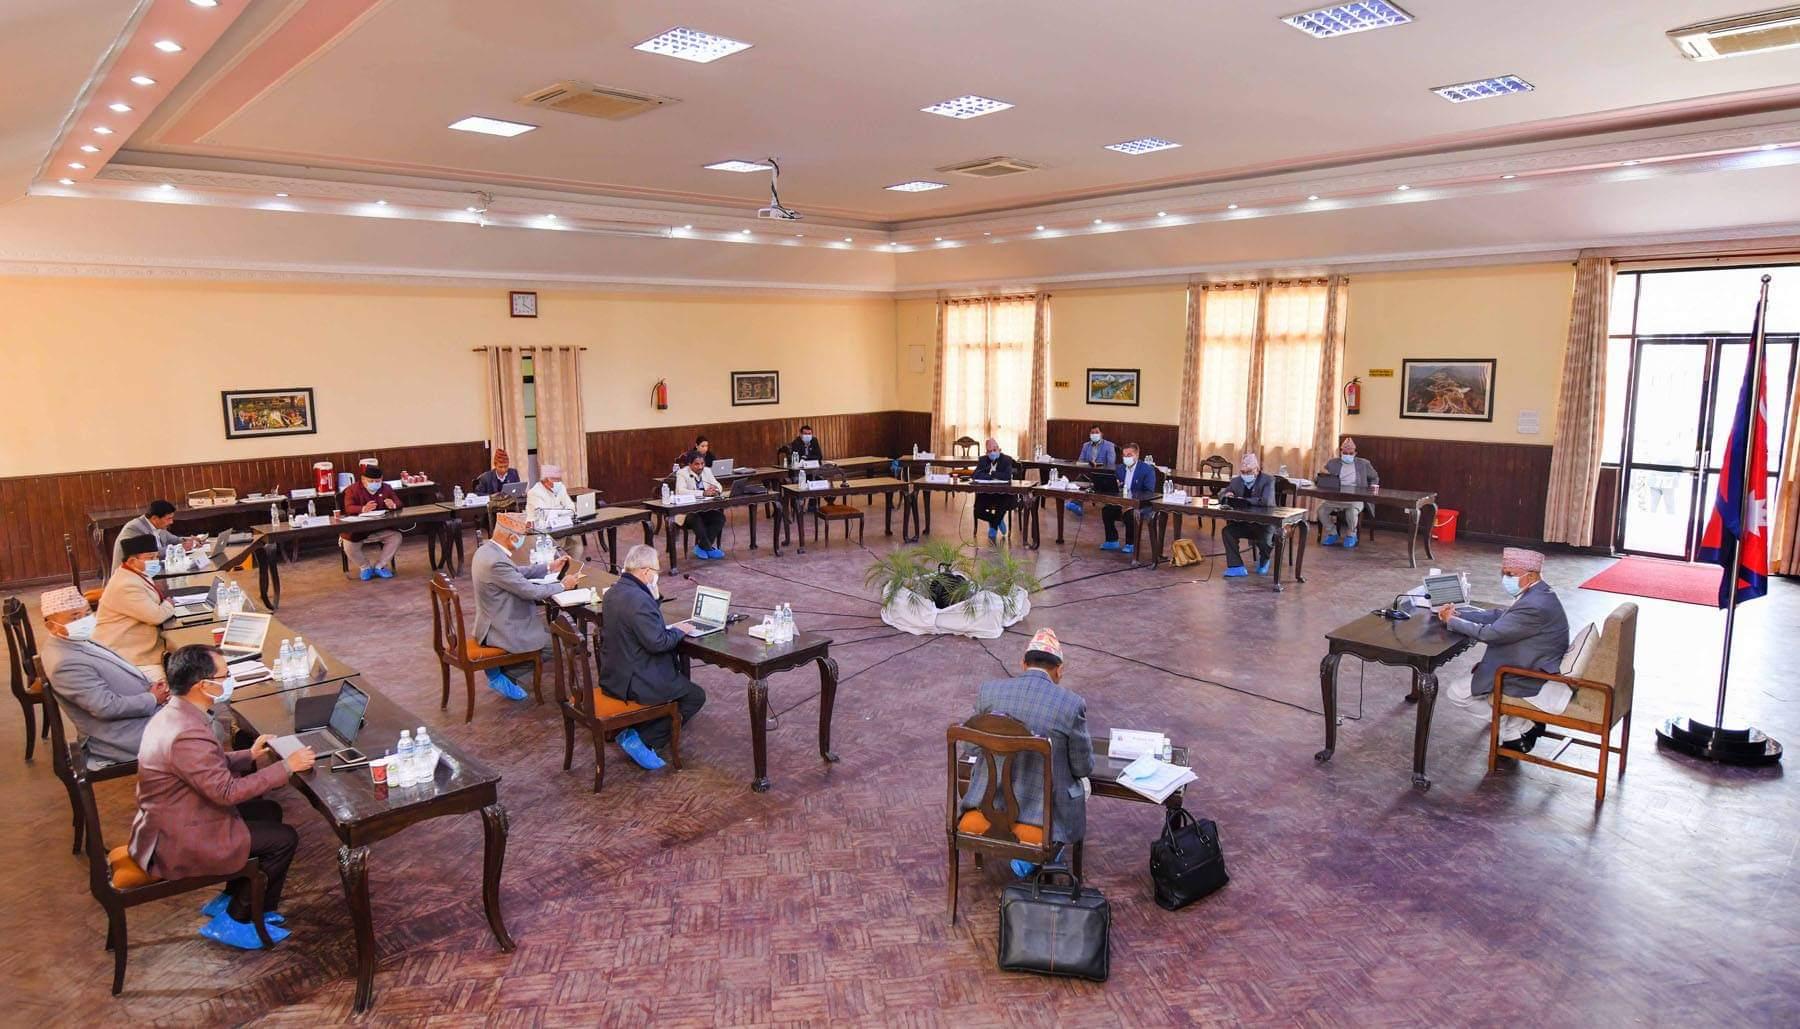 फागुन २३ मा संसद बैठक बोलाउन मन्त्रिपरिषदको सिफारीस